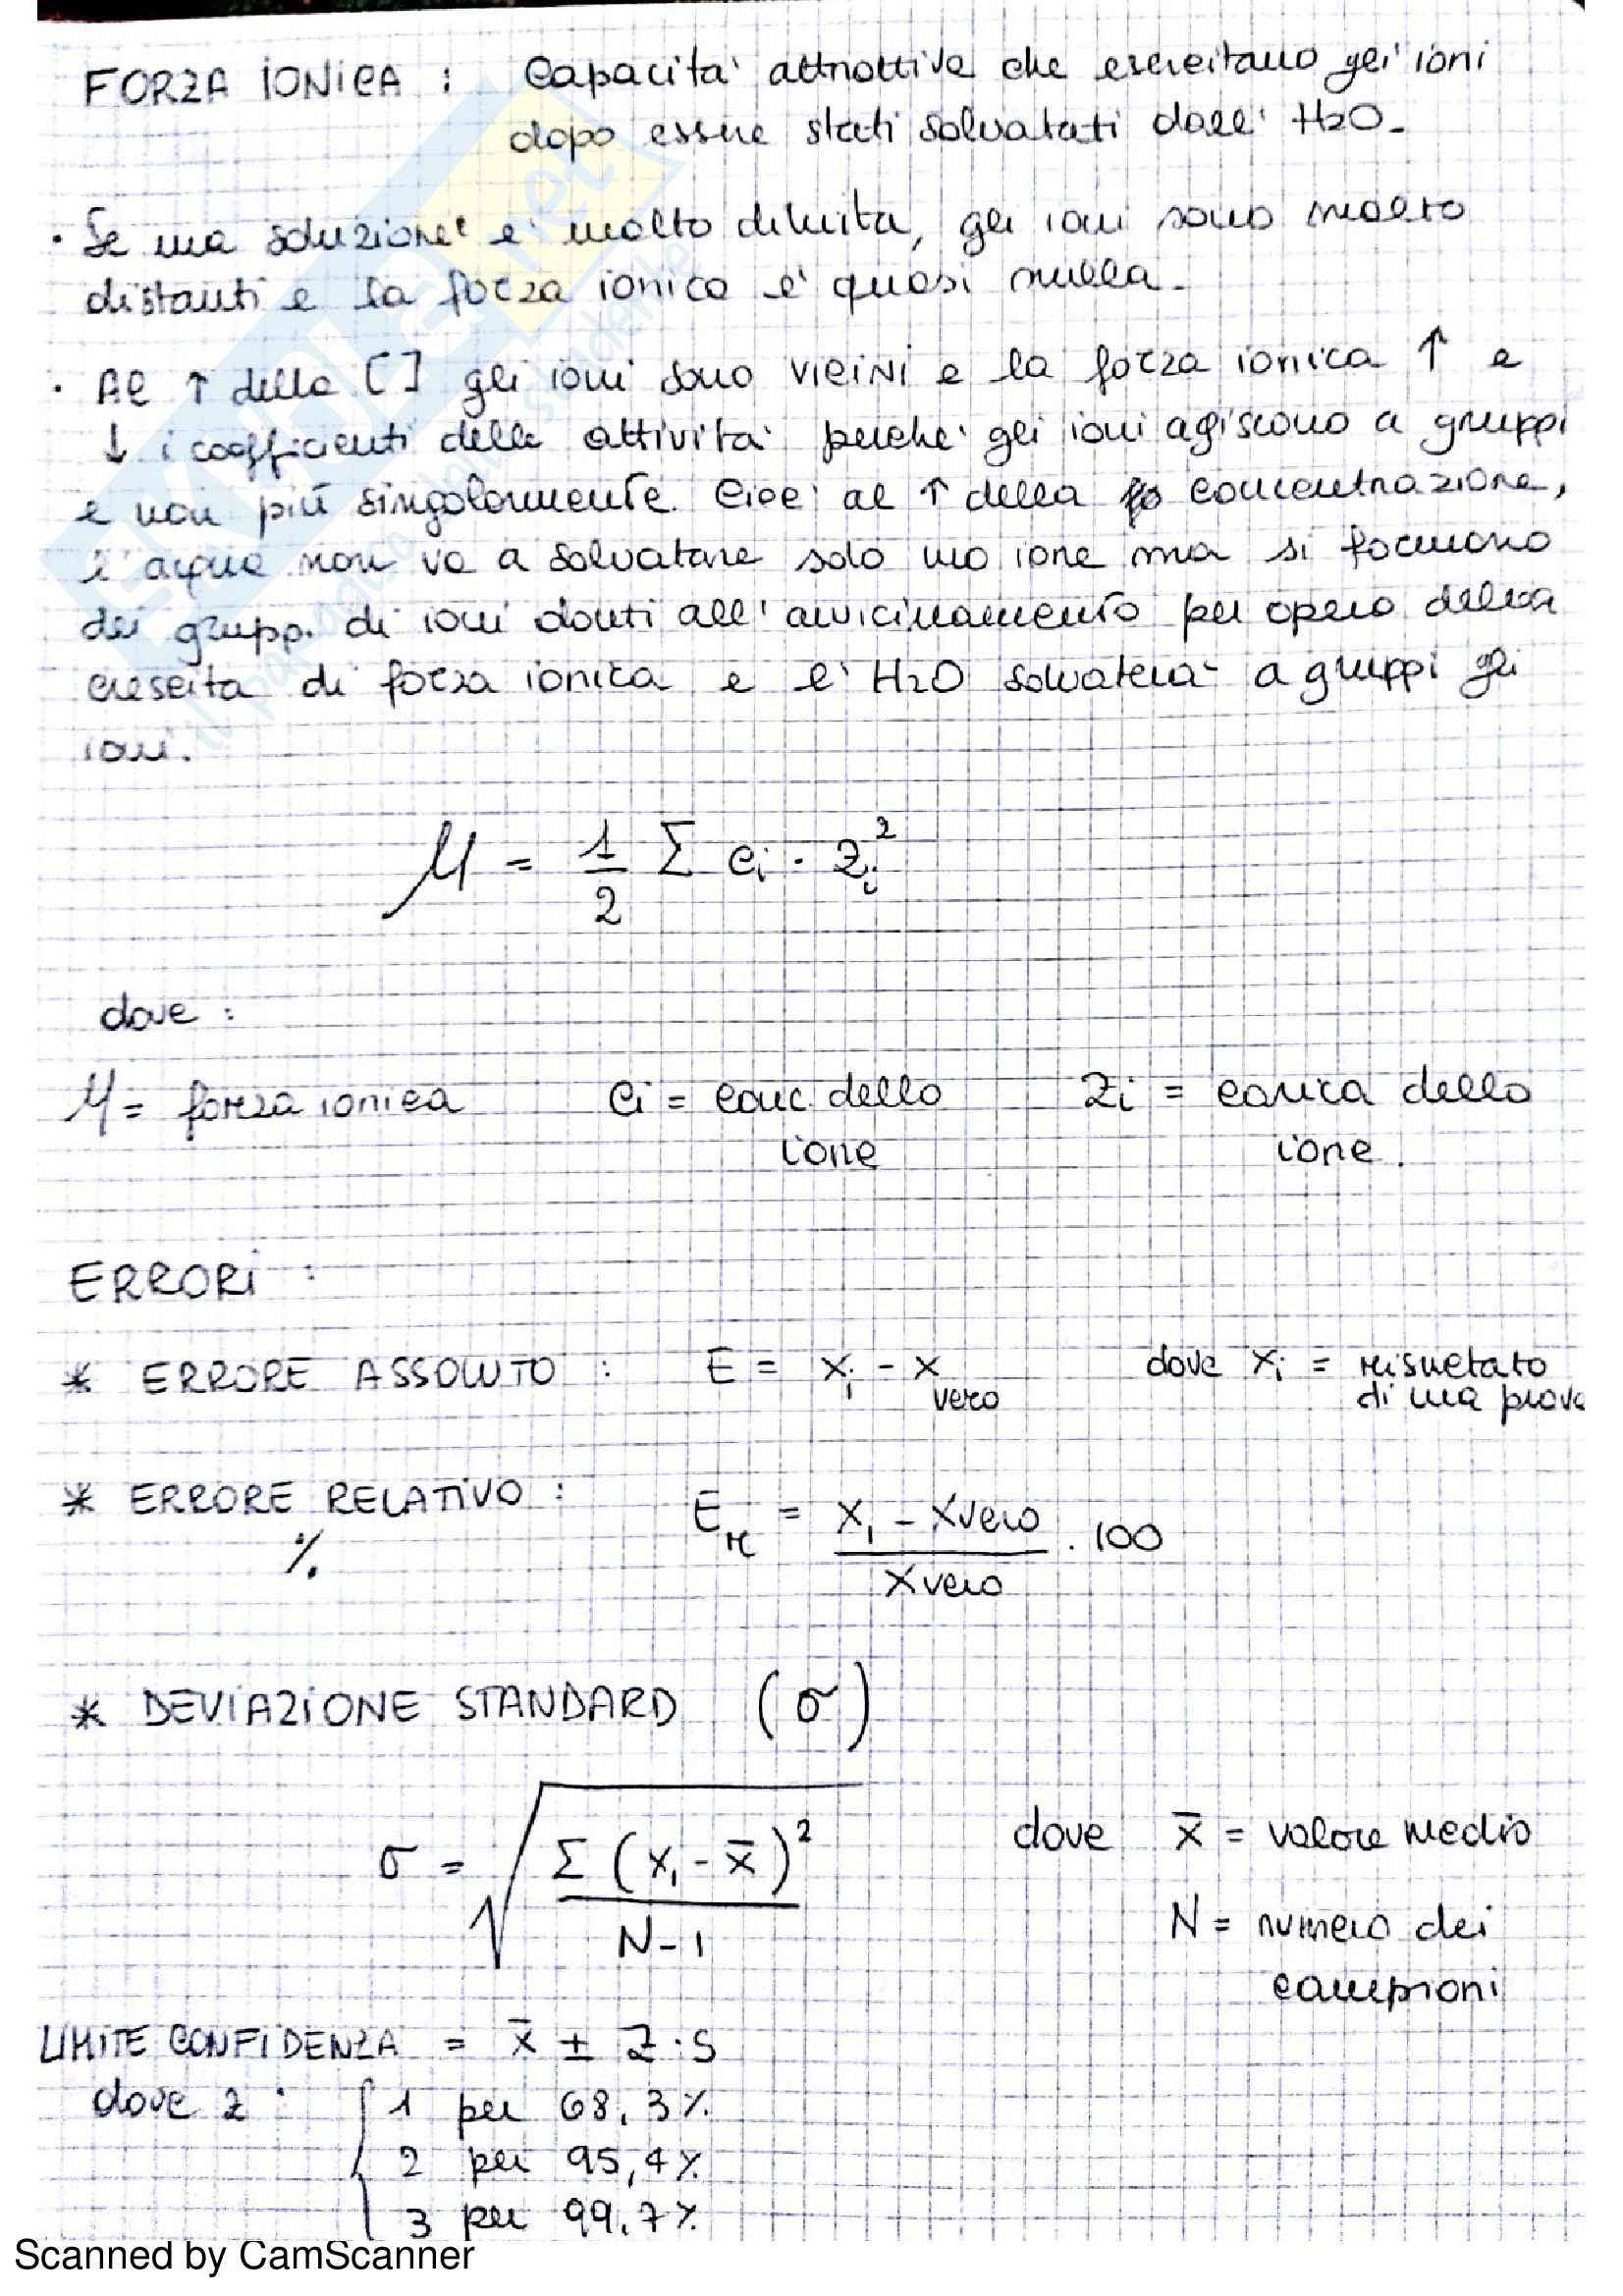 Appunti completi di chimica analitica comprensivi di esercizi d'esame